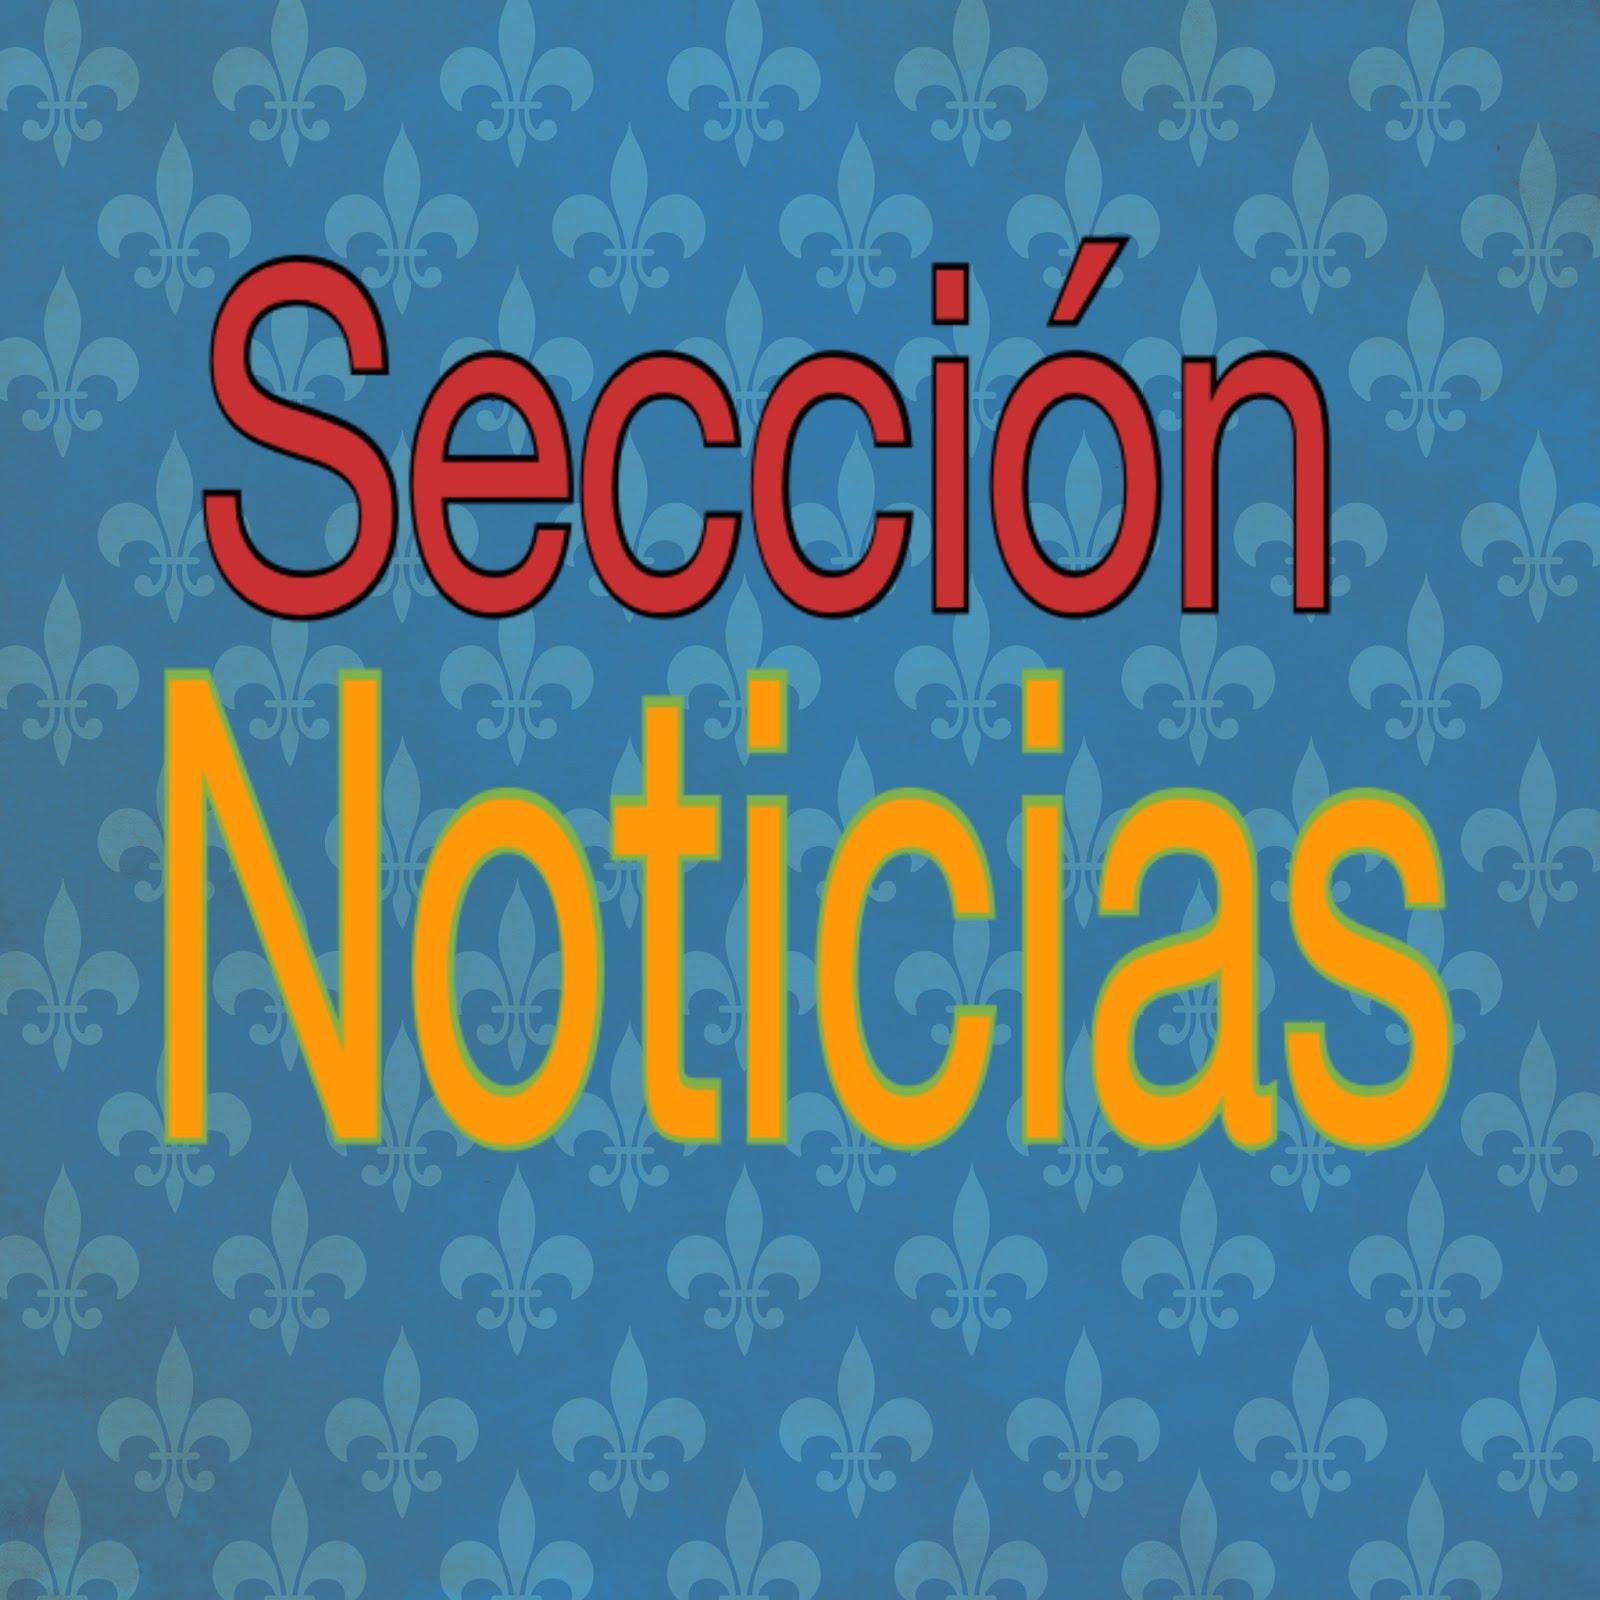 Sección; Noticias